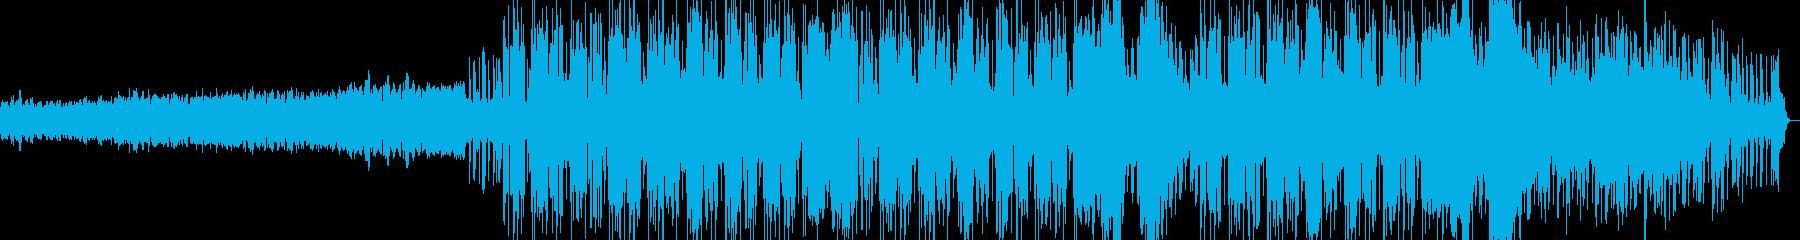 クリスピーなギターのブルージーロックの再生済みの波形